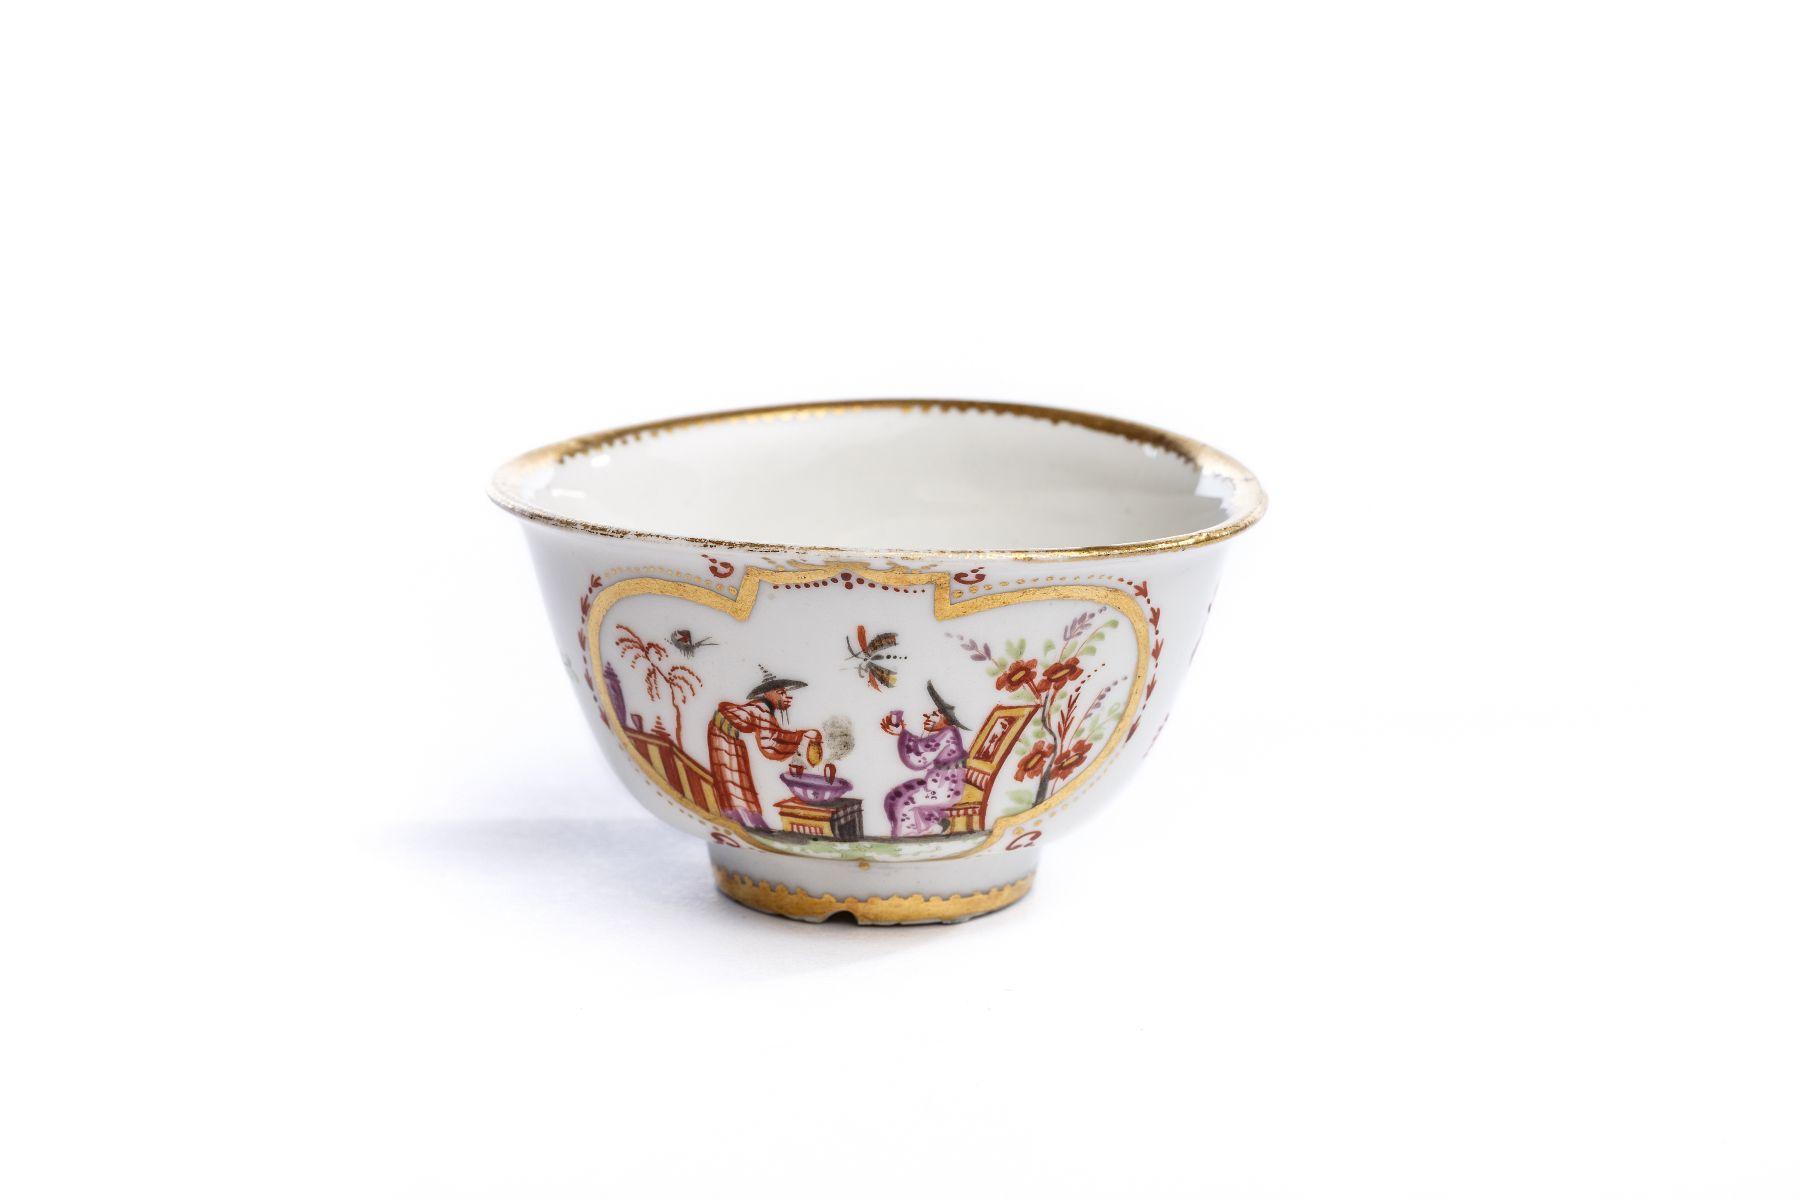 #41 Bowl without Saucer, Meissen 1720/25   Koppchen ohne Unterschale, Meissen 1720/25, Image